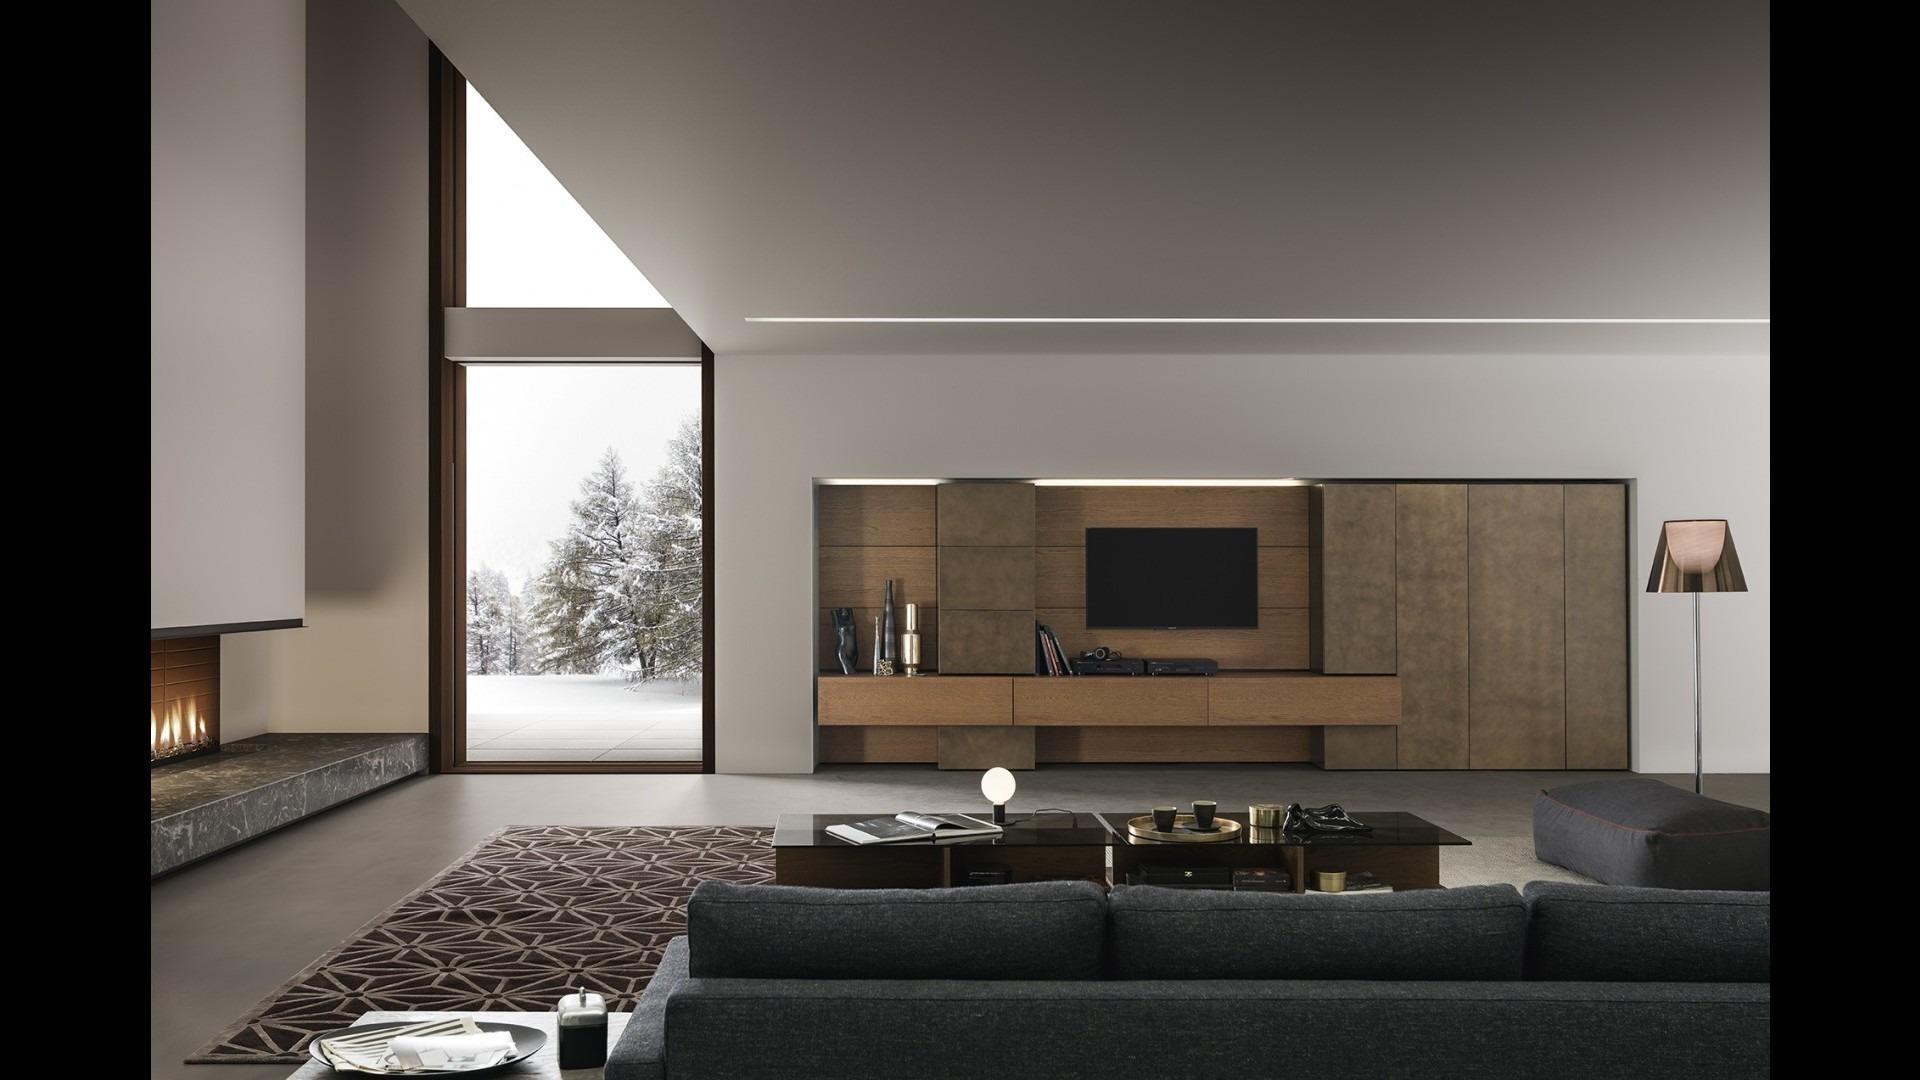 Presotto soggiorno imodulart composizione 362 - room2